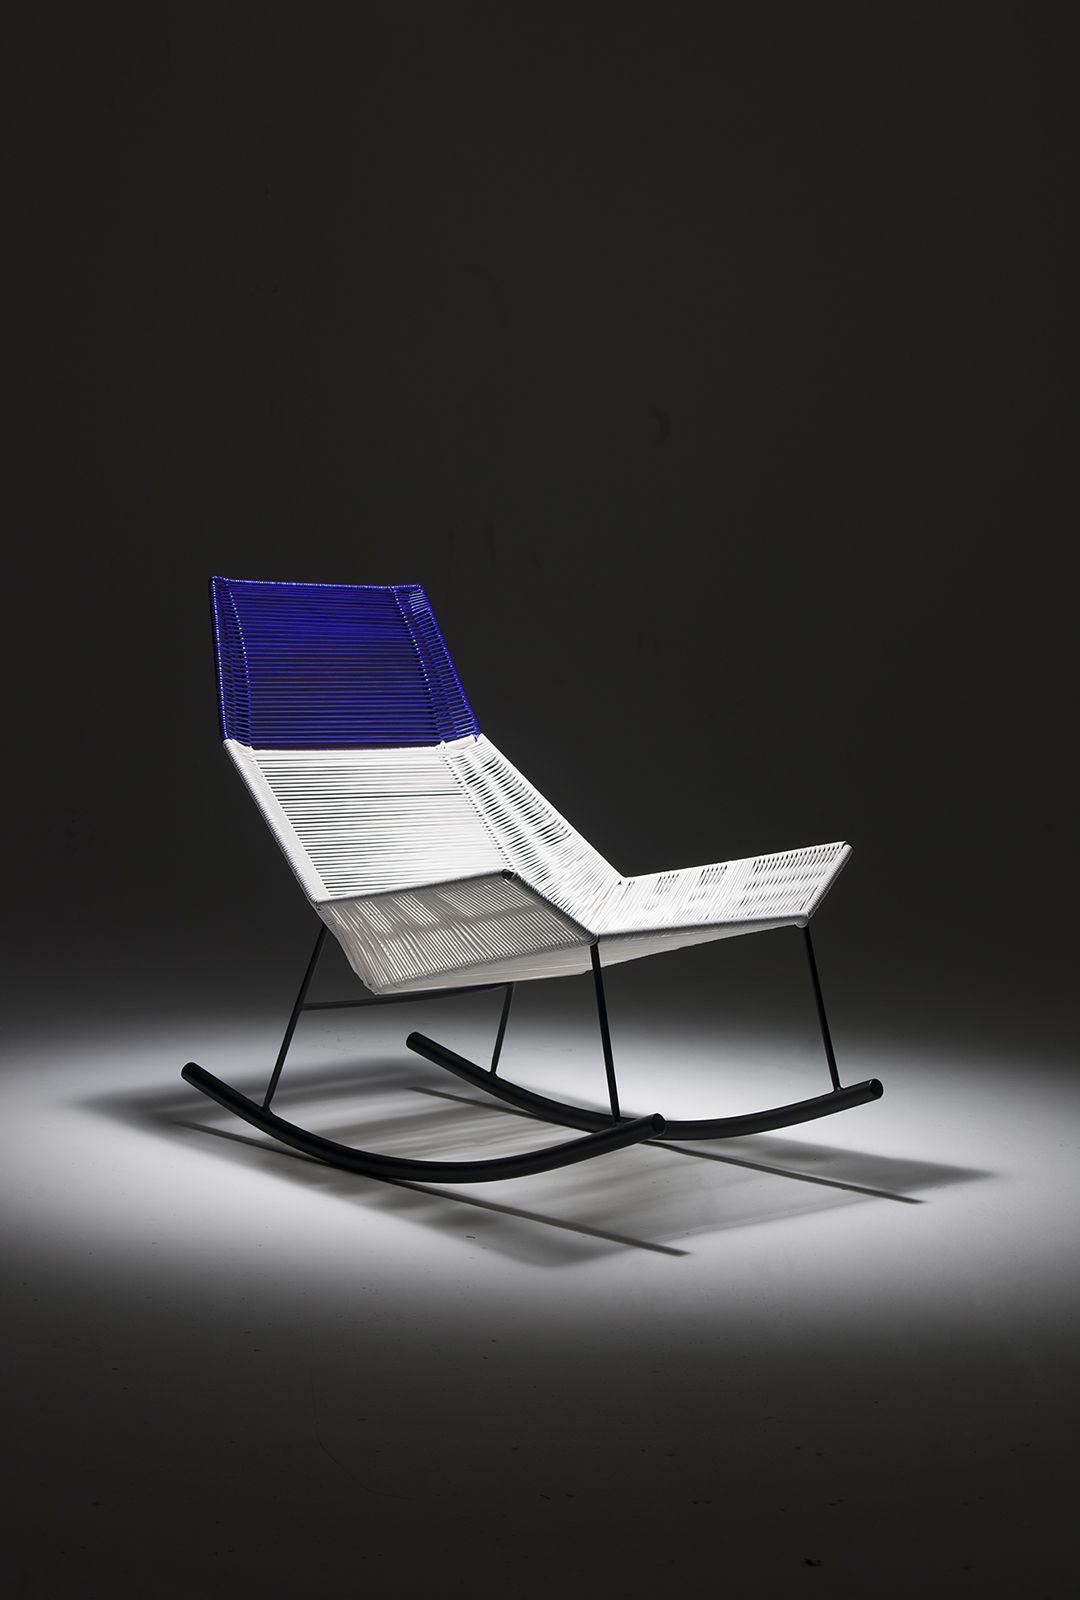 Coste A Rocking Chair For Zientte Artesanias De Colombia Design  # Muebles Zientte